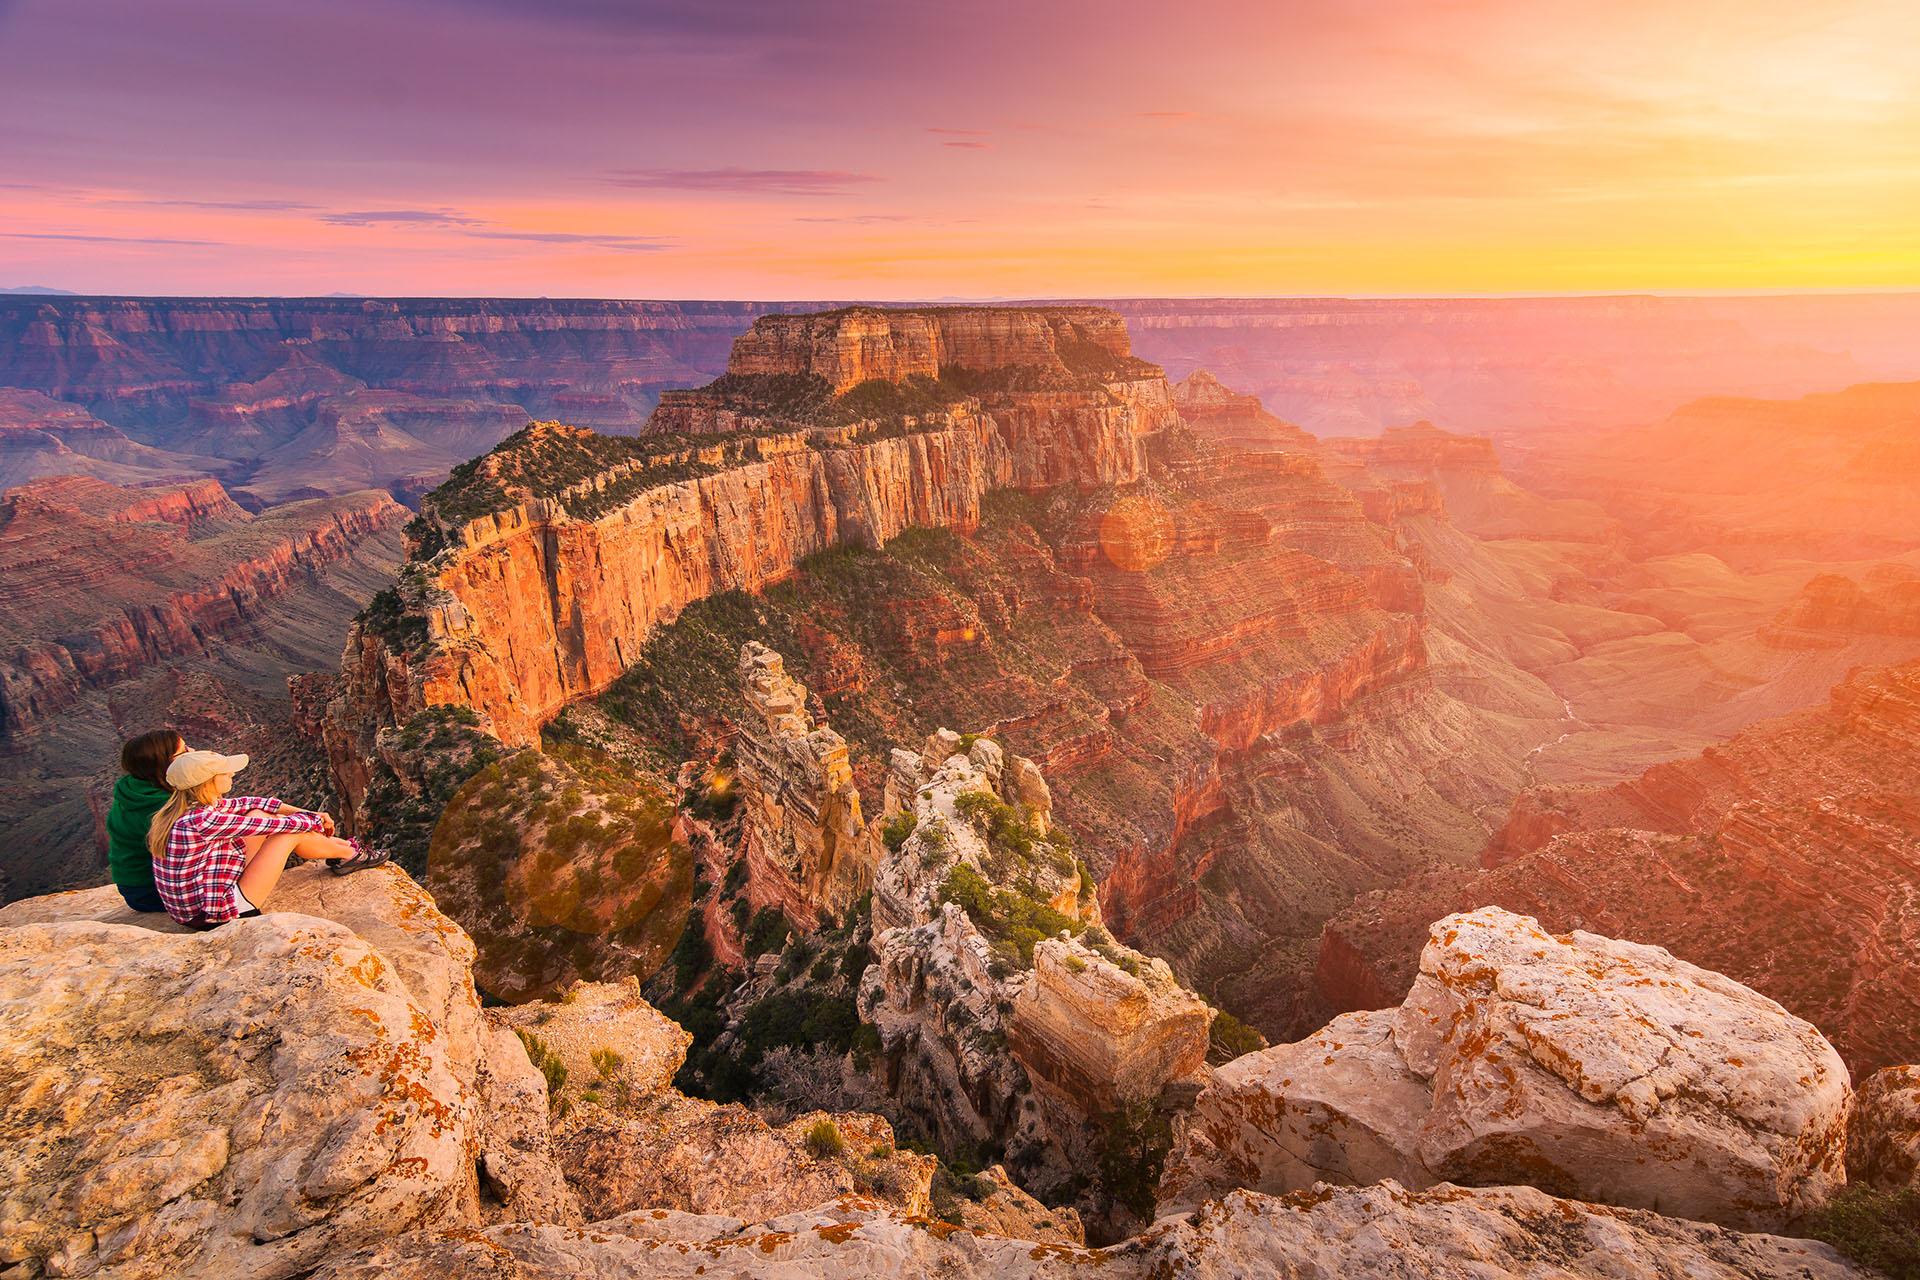 En 2019, el parque dedicado a la maravilla geológica más famosa de Estados Unidos celebrará su centenario con una serie de charlas, conciertos y exposiciones especiales durante todo el año